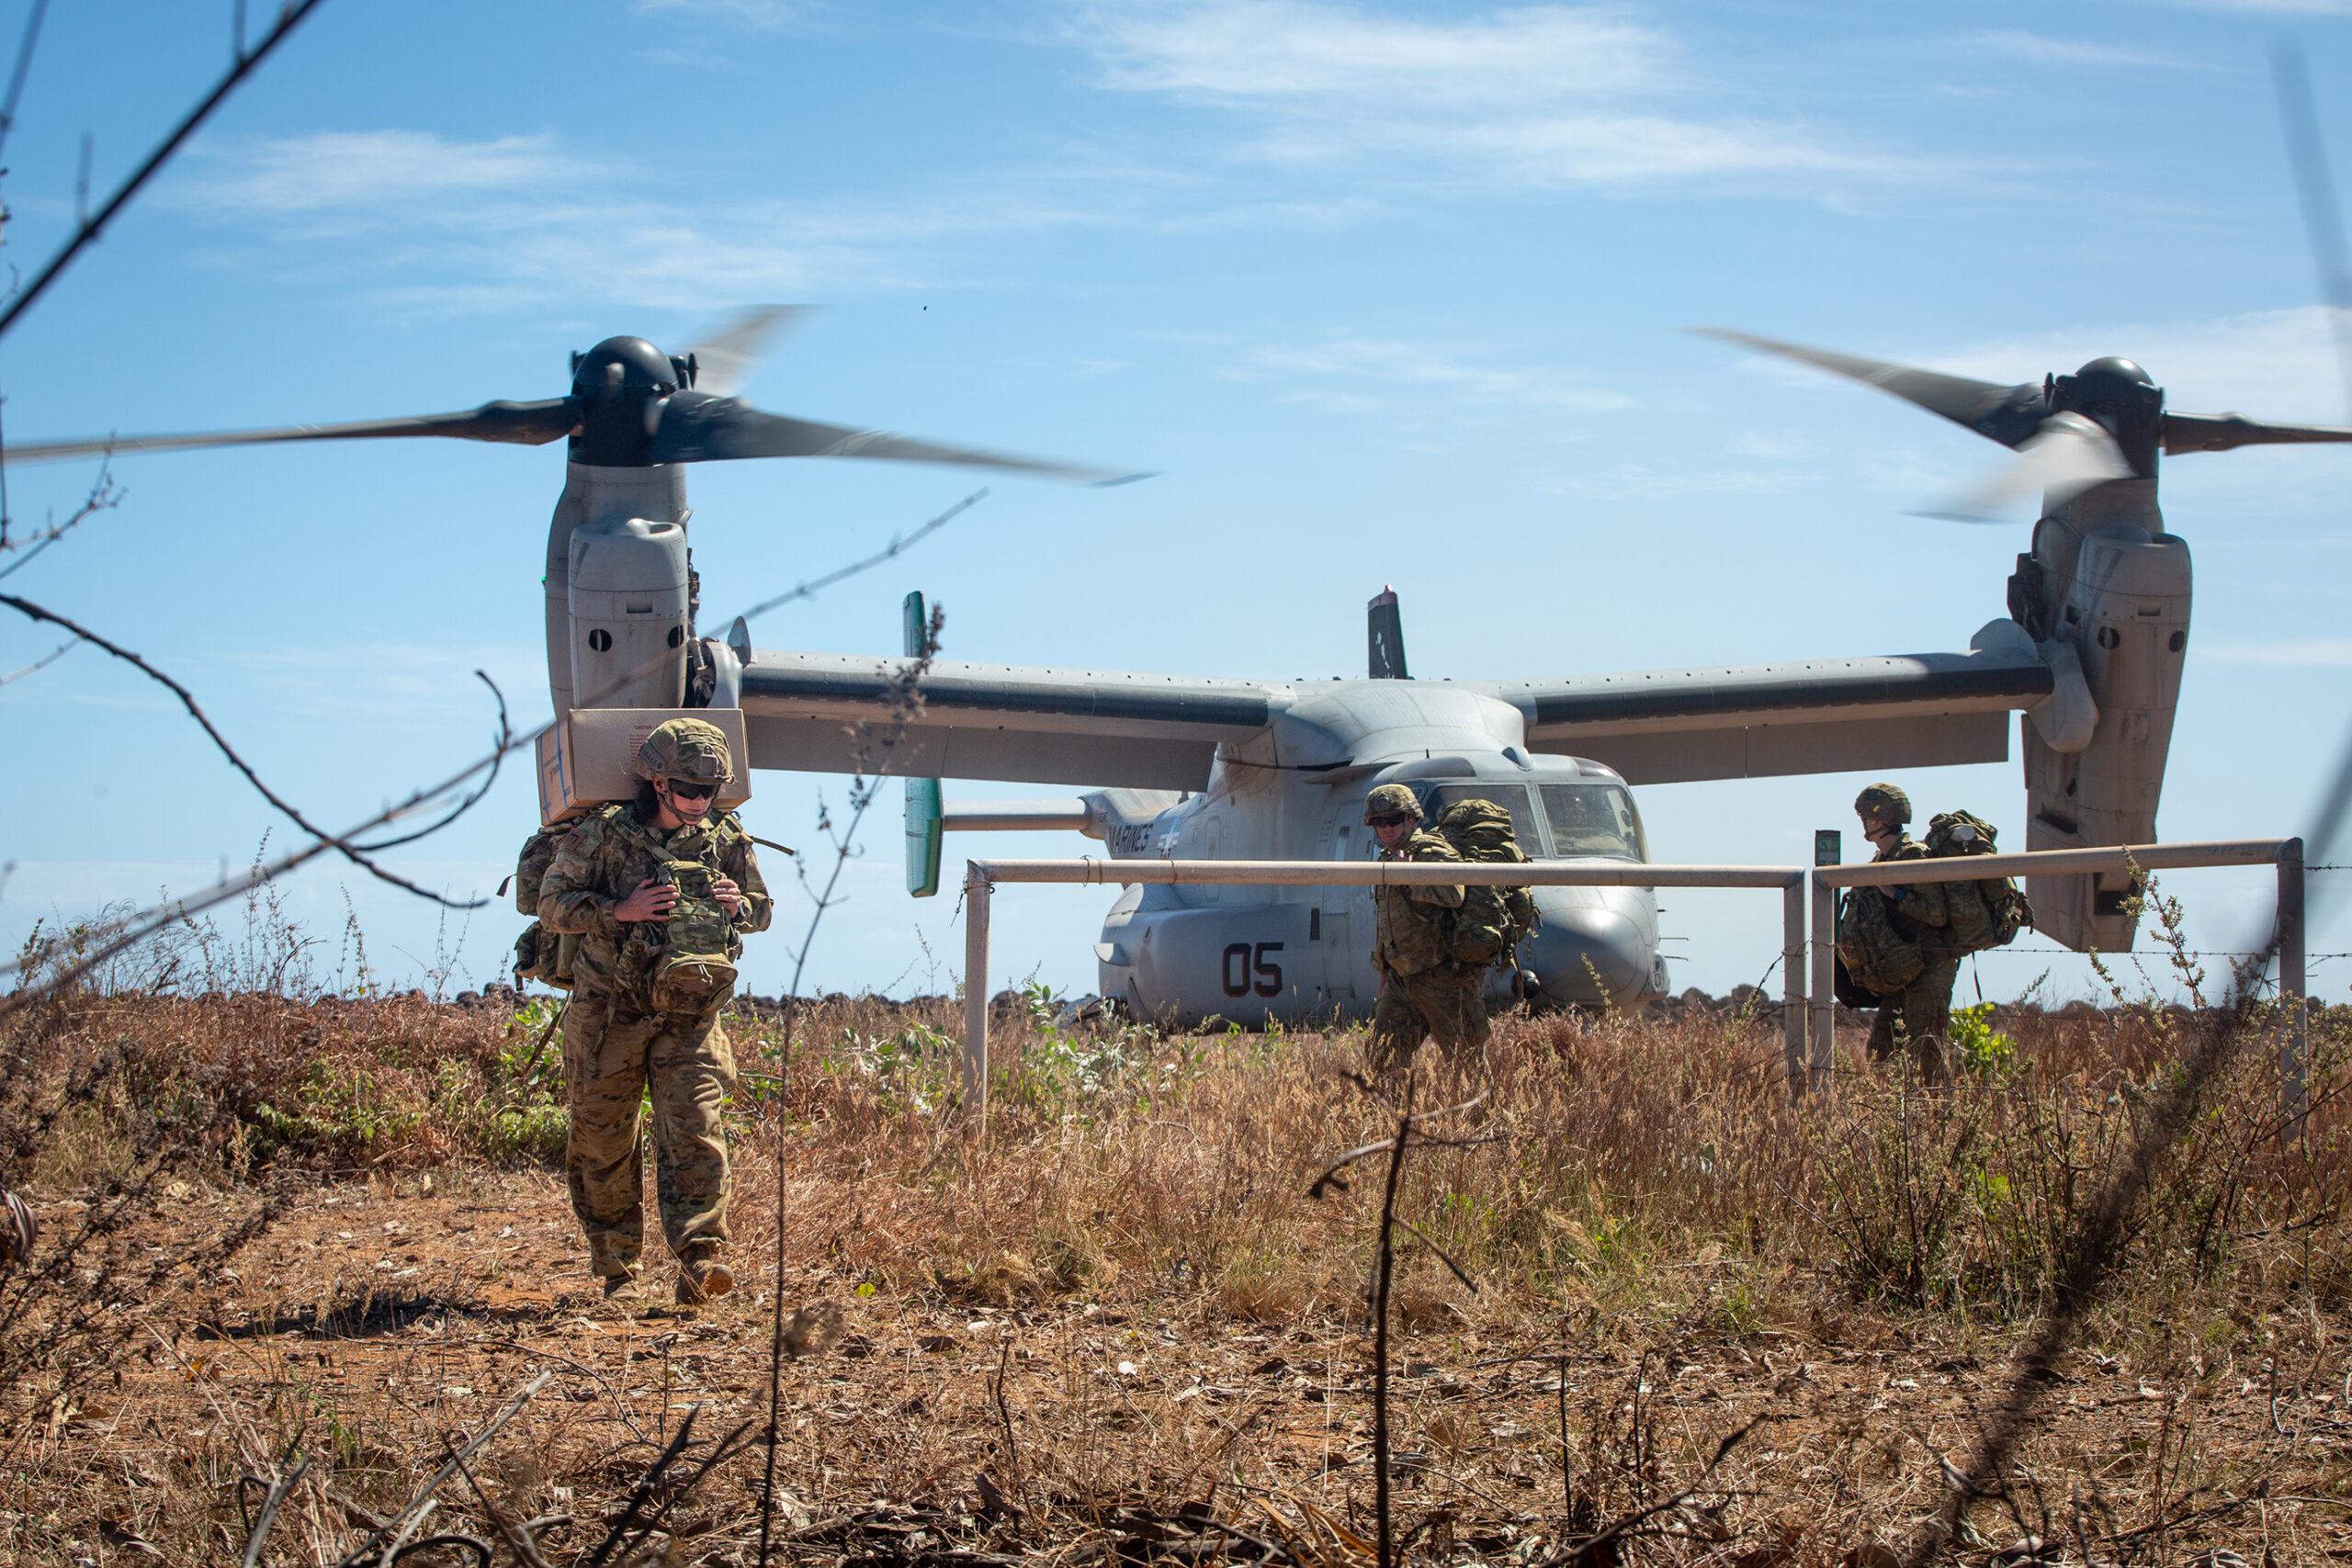 (写真:2021年5月に実施されたクロコダイル・レスポンス演習時、オーストラリアのポイント・フォーセットで米国海兵隊のティルトローター機「MV-22Bオスプレイ航空機」により輸送されたオーストラリア陸軍兵士等が降着場から離れる様子(ミシャ・ピアス(MICHA PIERCE)三等軍曹/米国海兵隊)